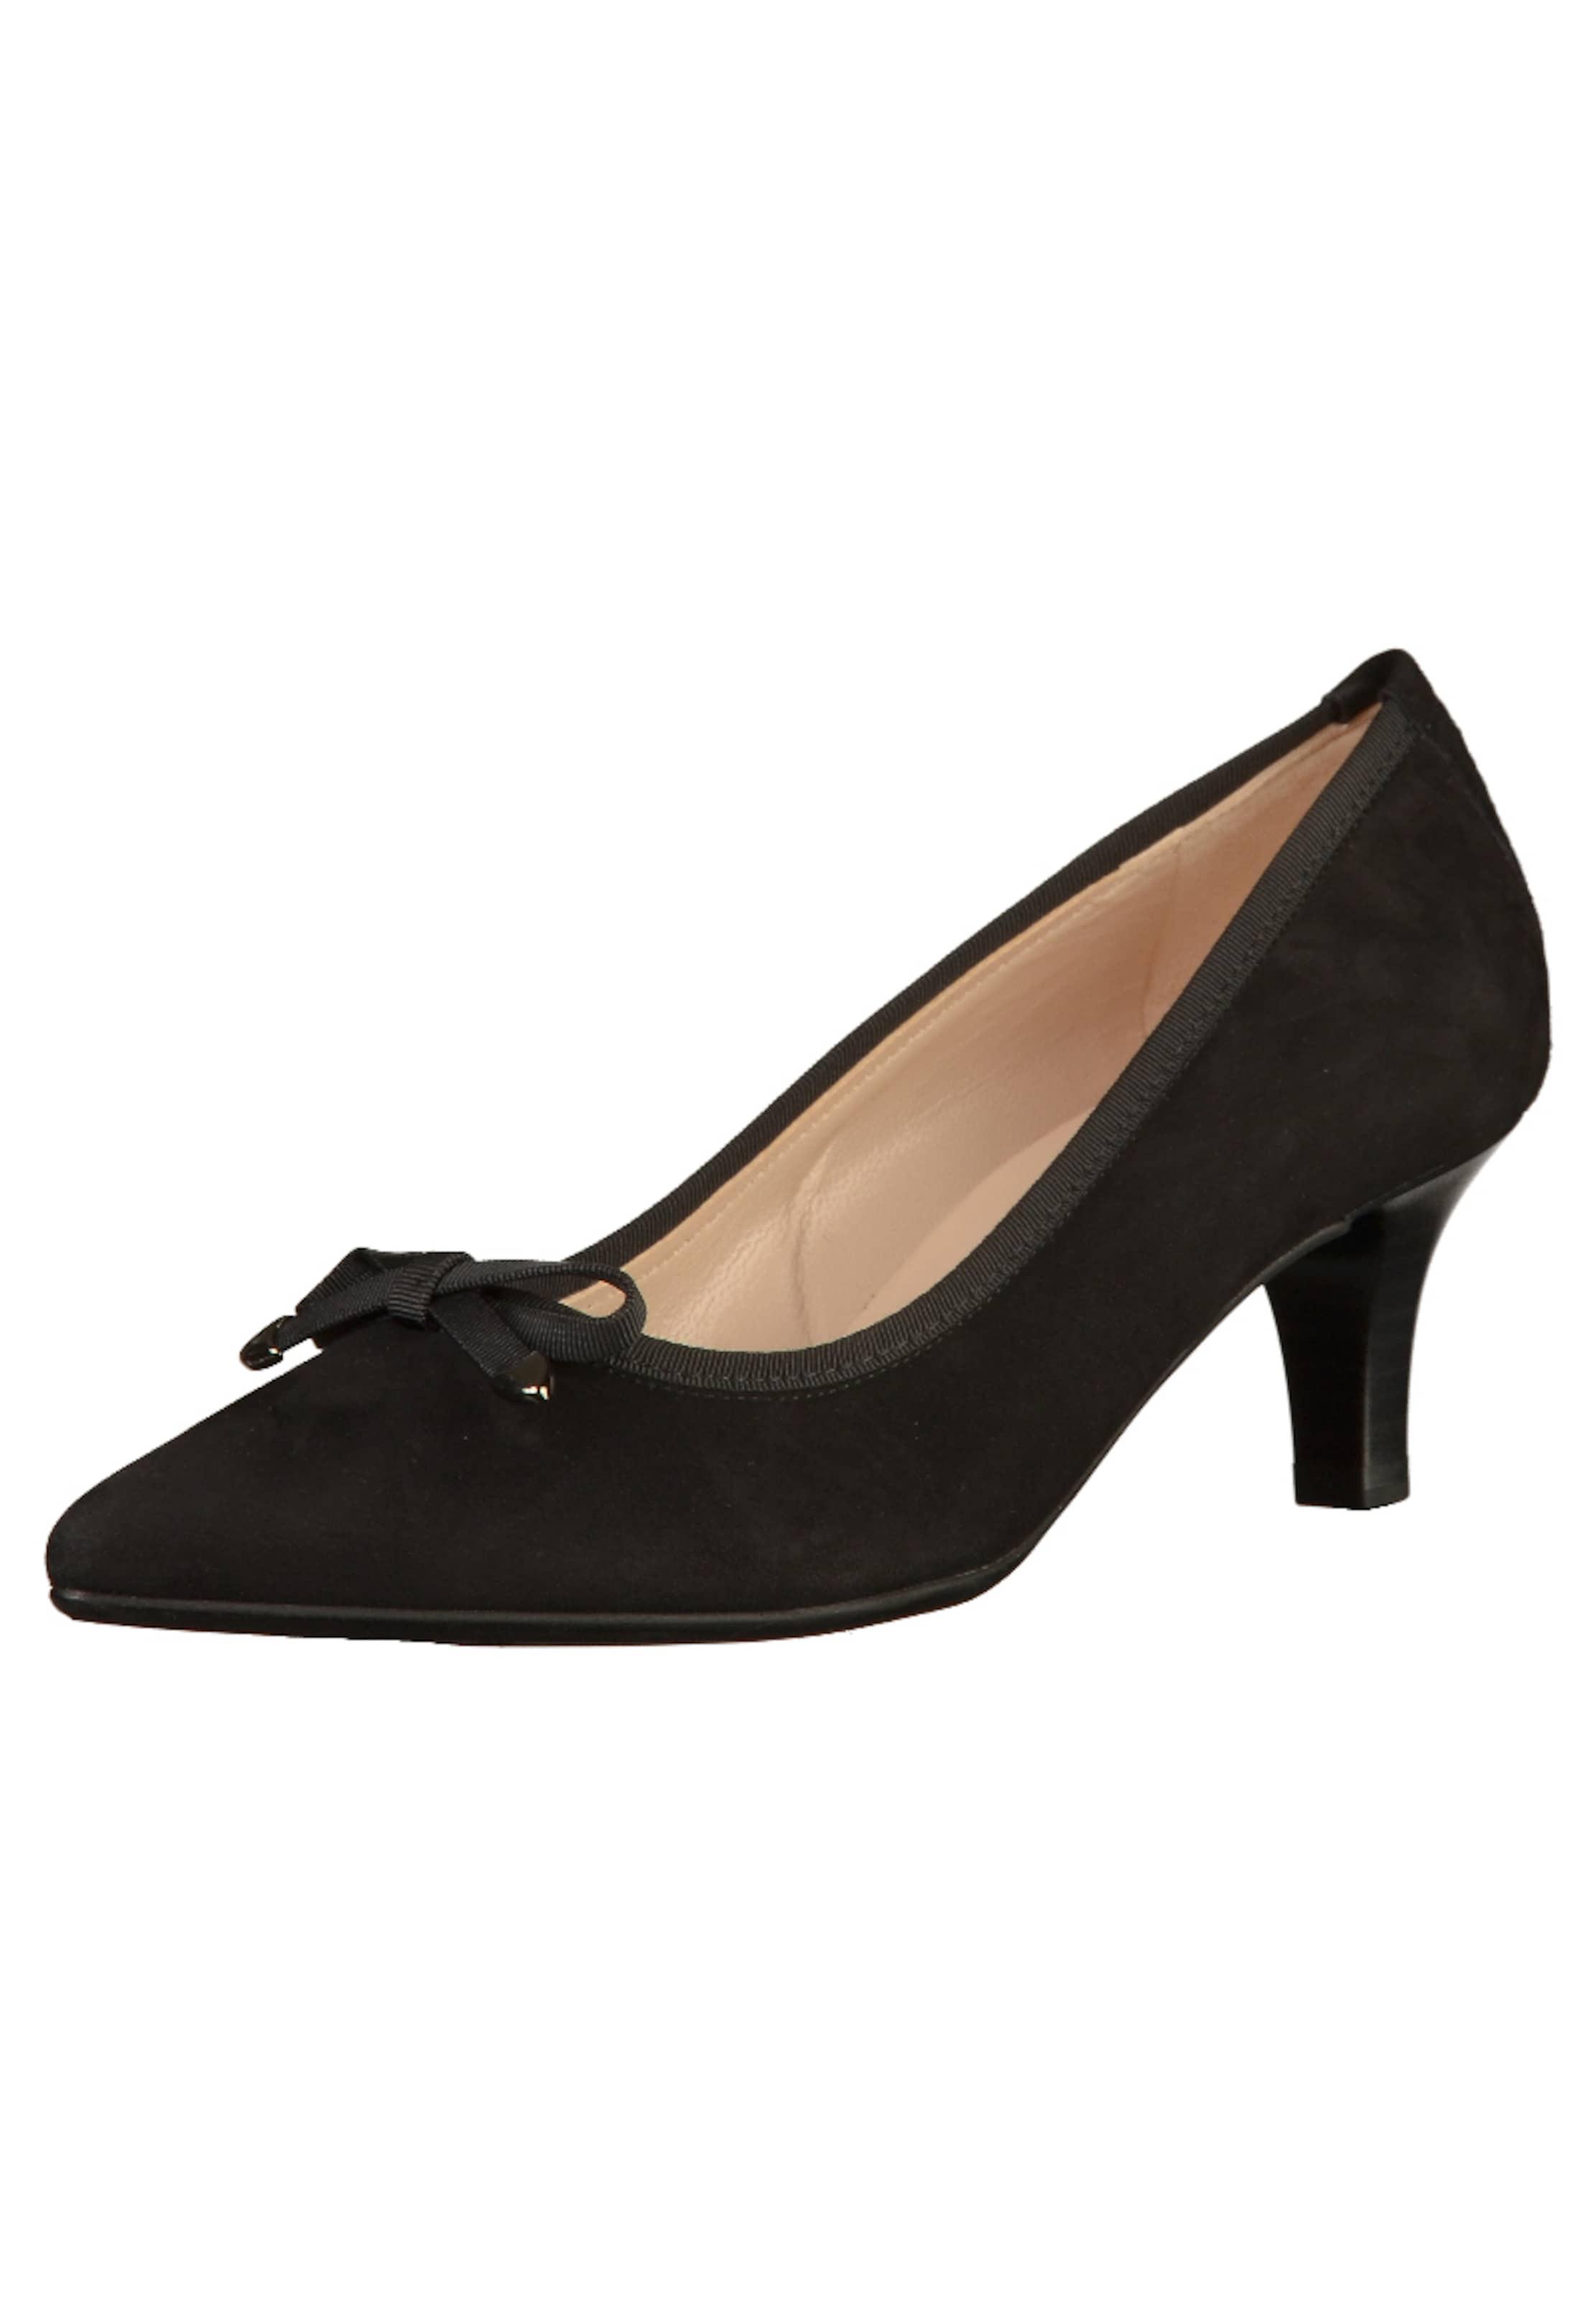 Haltbare Mode billige Schuhe PETER KAISER | Pumps Schuhe Gut Gut Gut getragene Schuhe b7127b